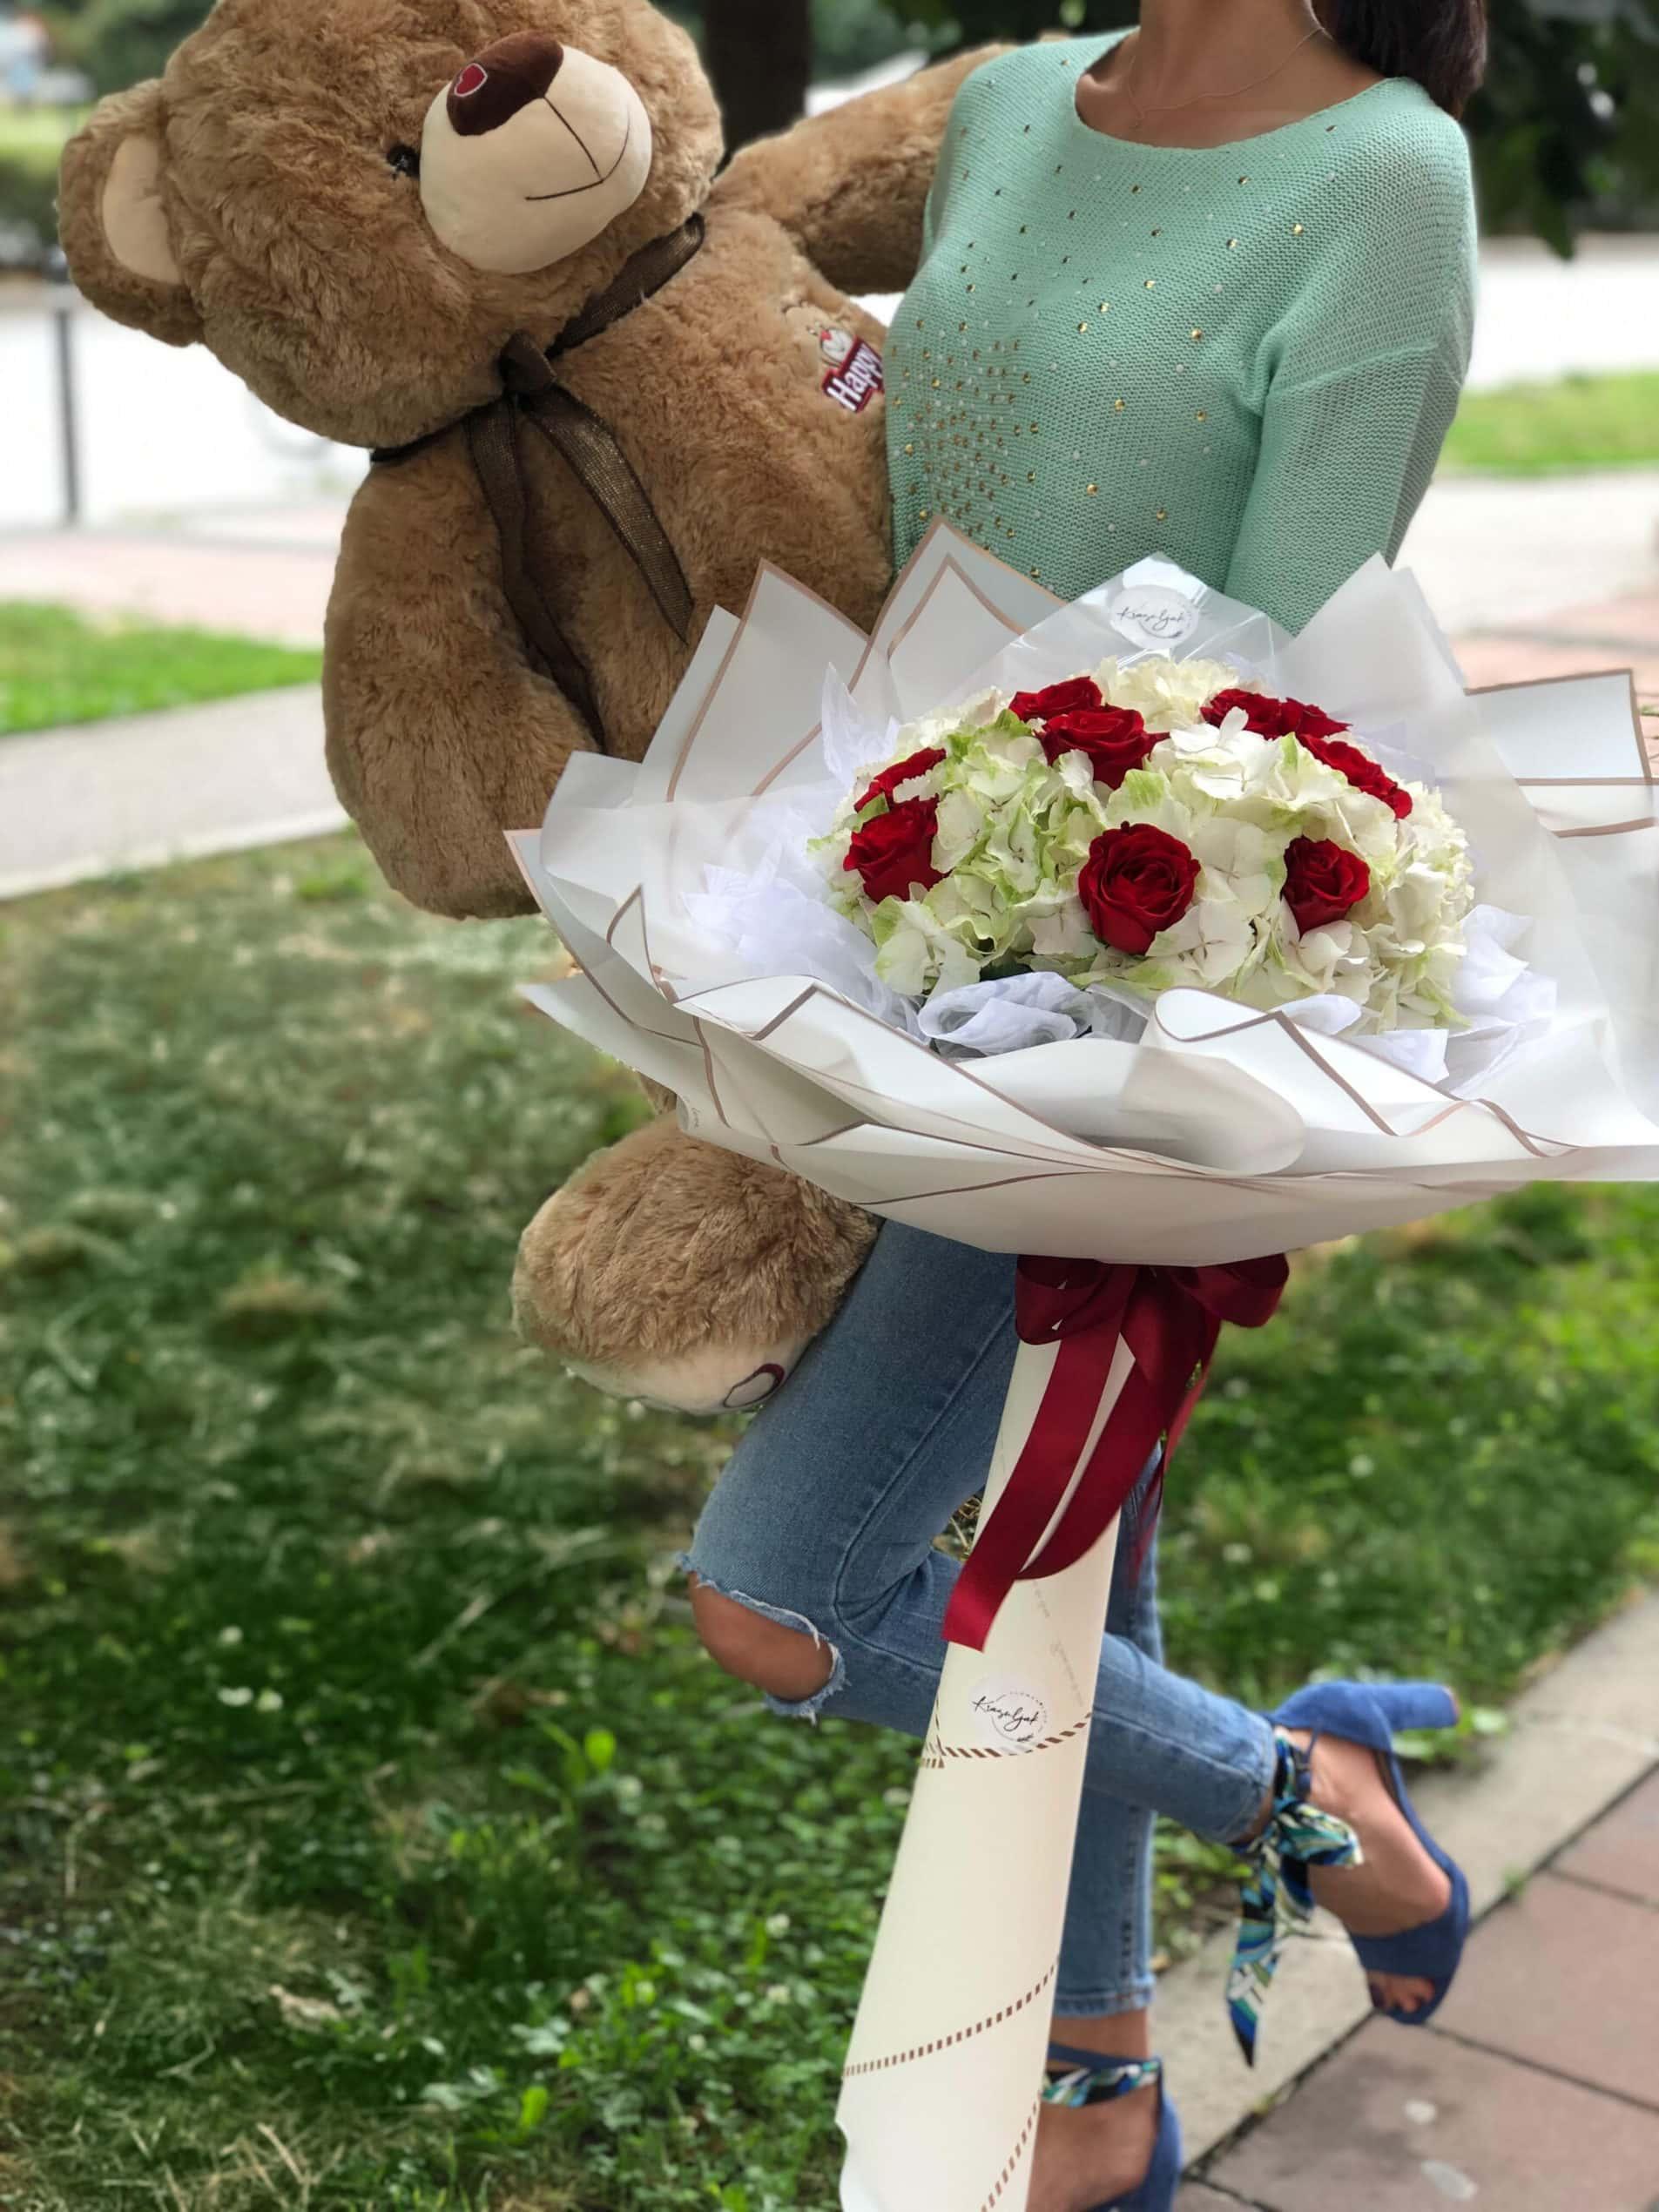 Cveće - buket crvenih ruža, astromerije, beli ukrasni papir